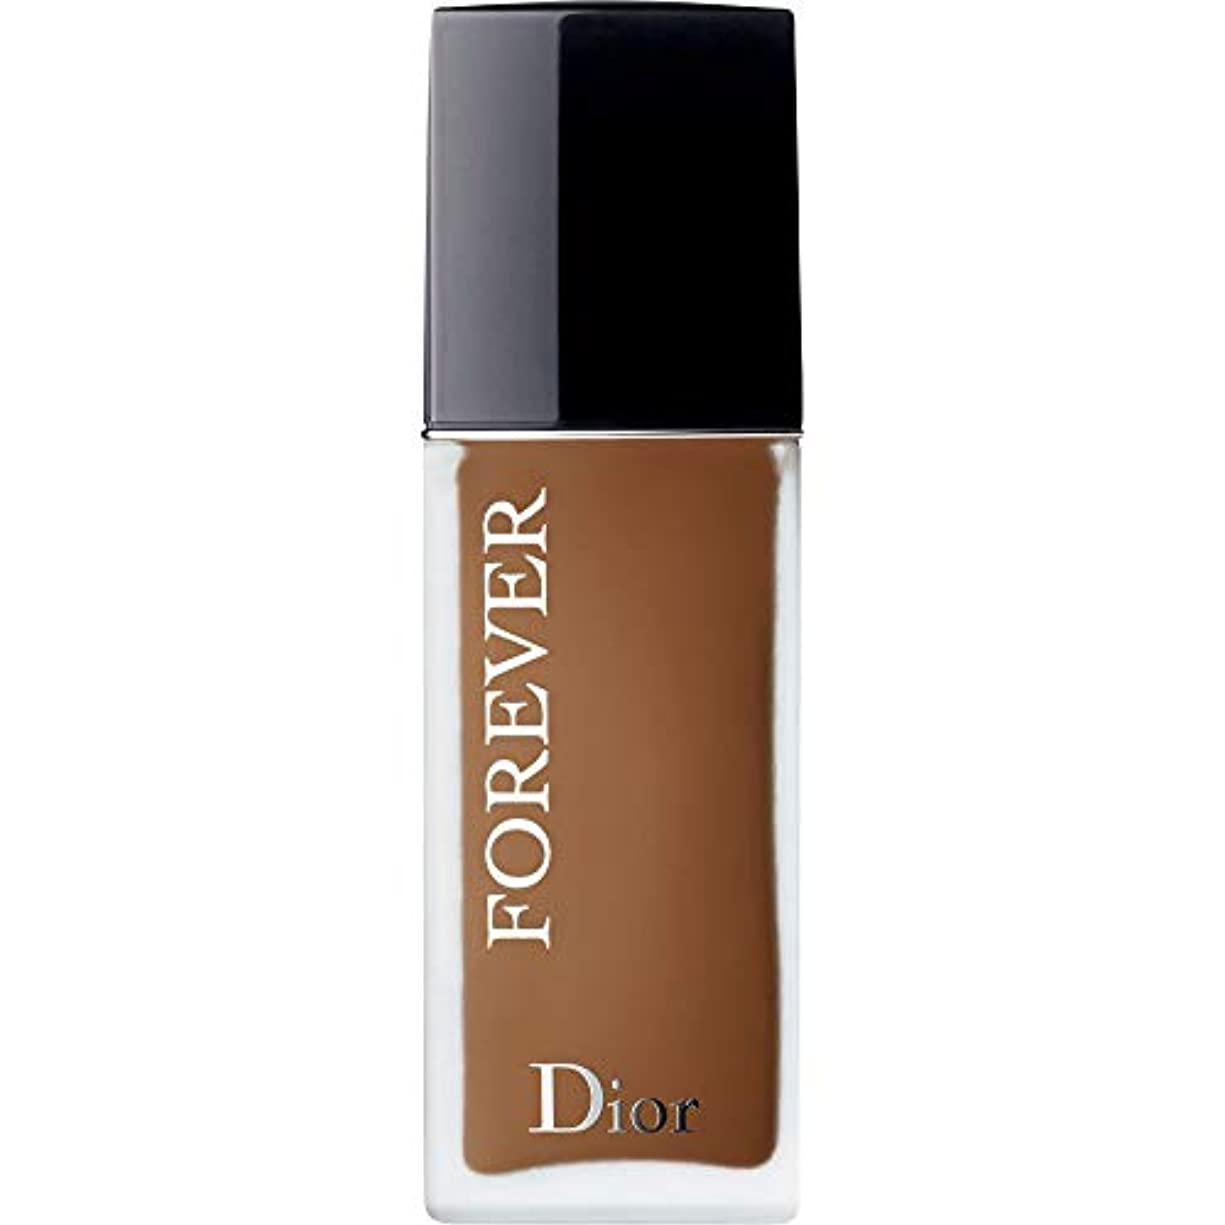 モンク専門知識散文[Dior ] ディオール永遠皮膚思いやりの基盤Spf35 30ミリリットルの7N - ニュートラル(つや消し) - DIOR Forever Skin-Caring Foundation SPF35 30ml 7N -...